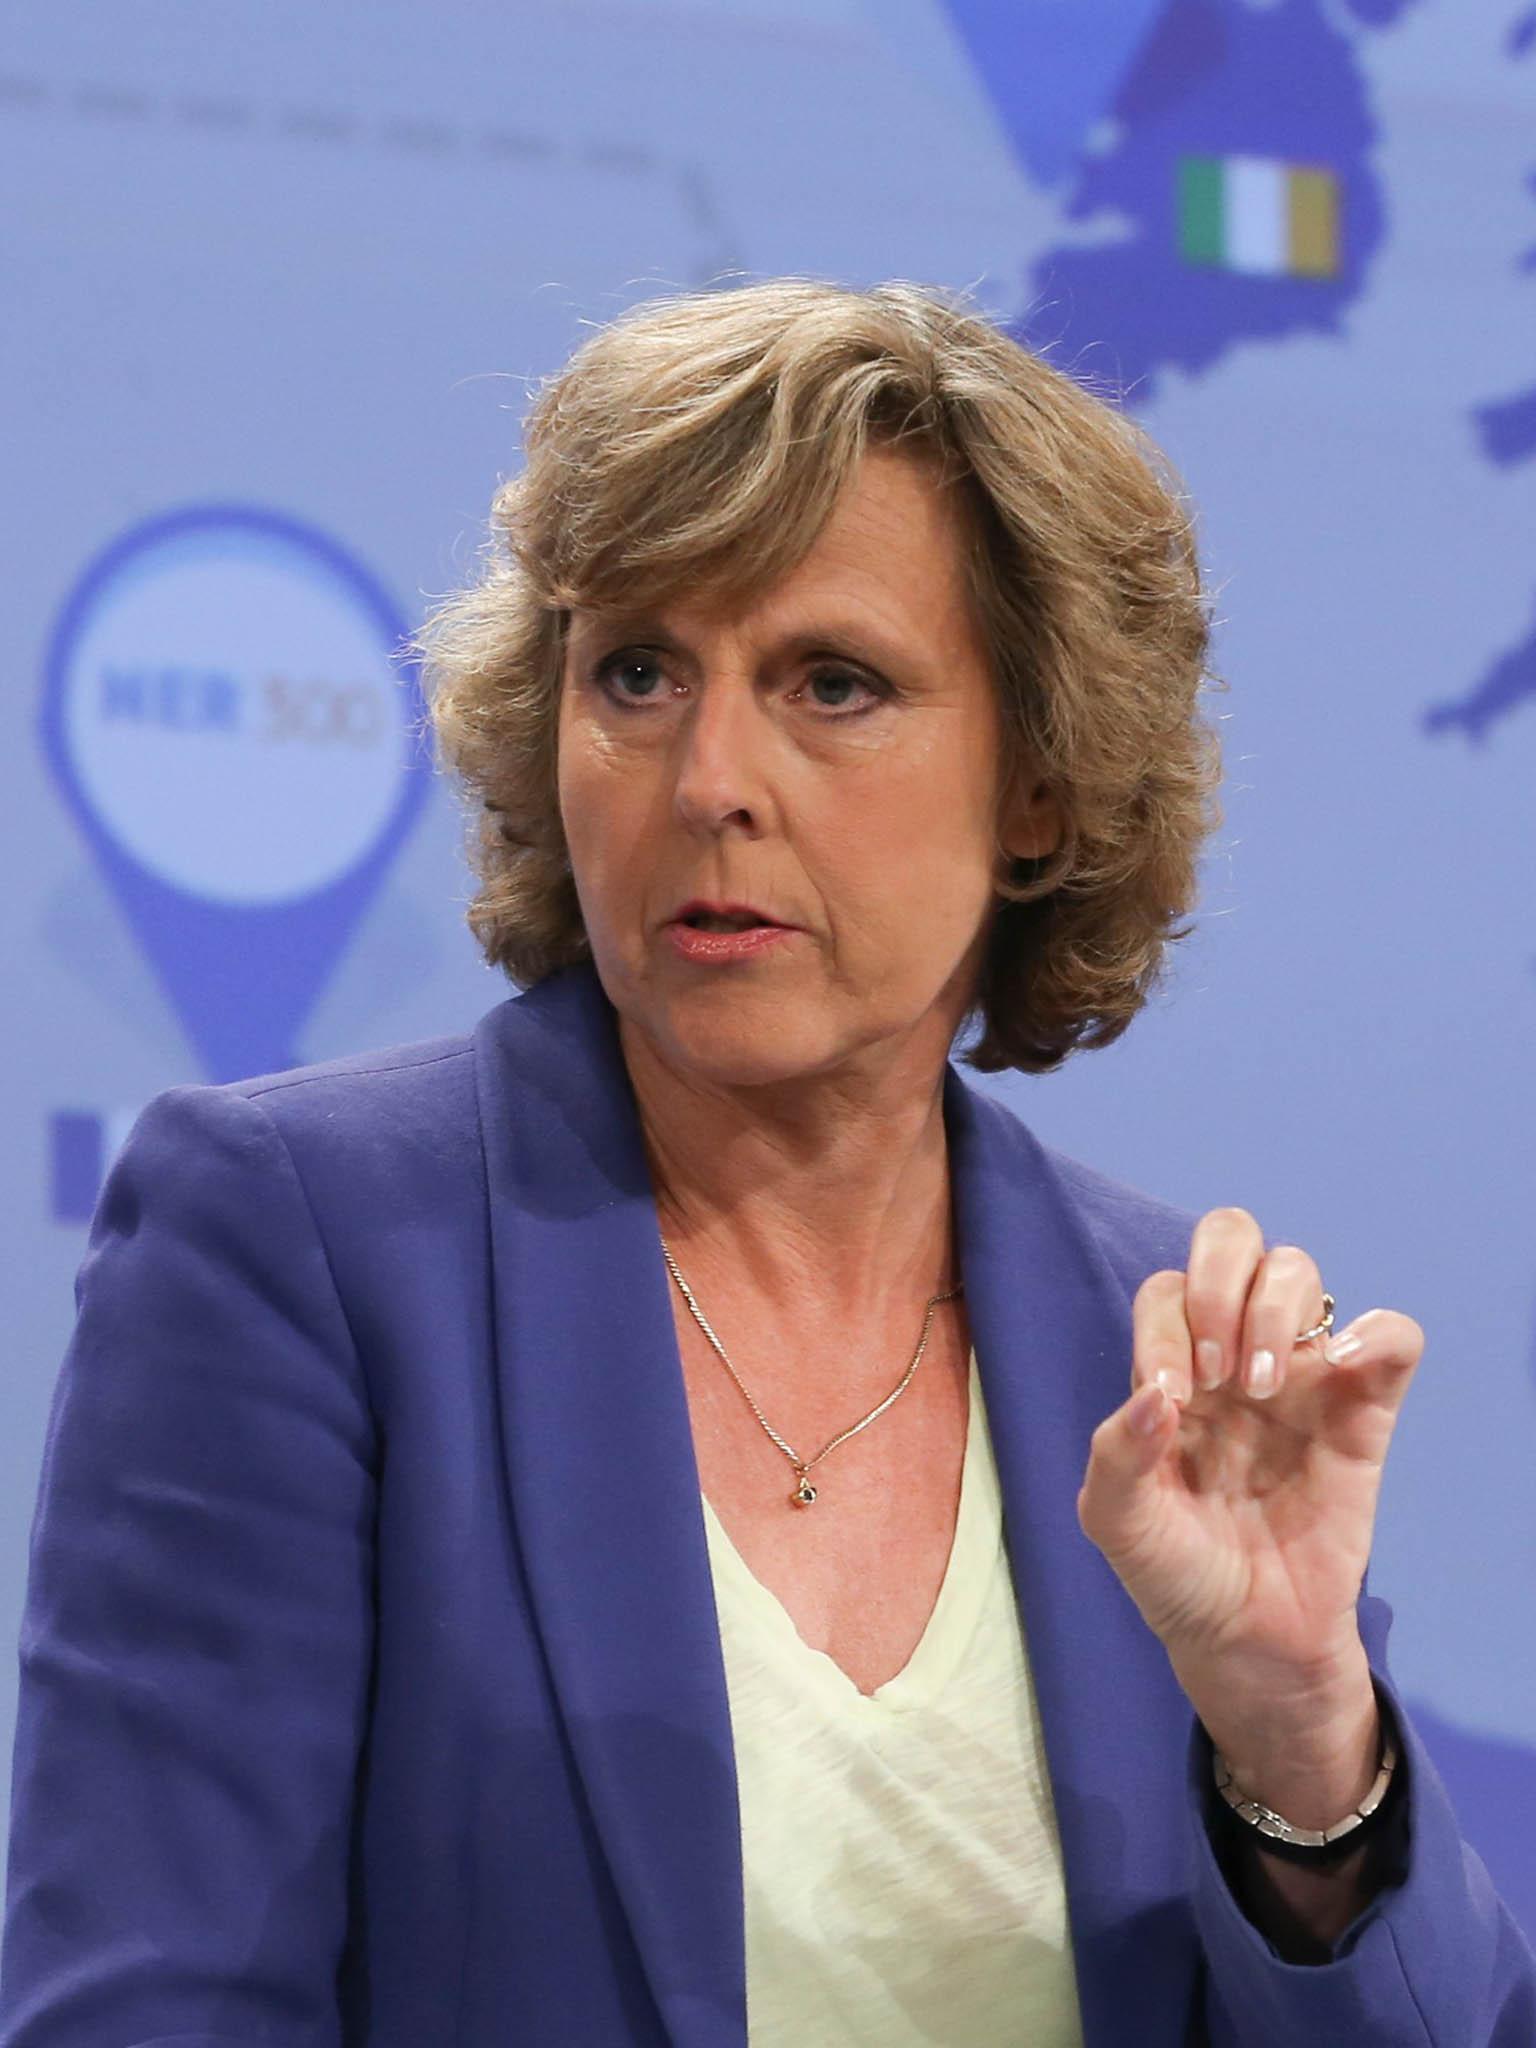 Connie Hedegaardová, dánská politička, někdejší eurokomisařka pro otázky klimatu